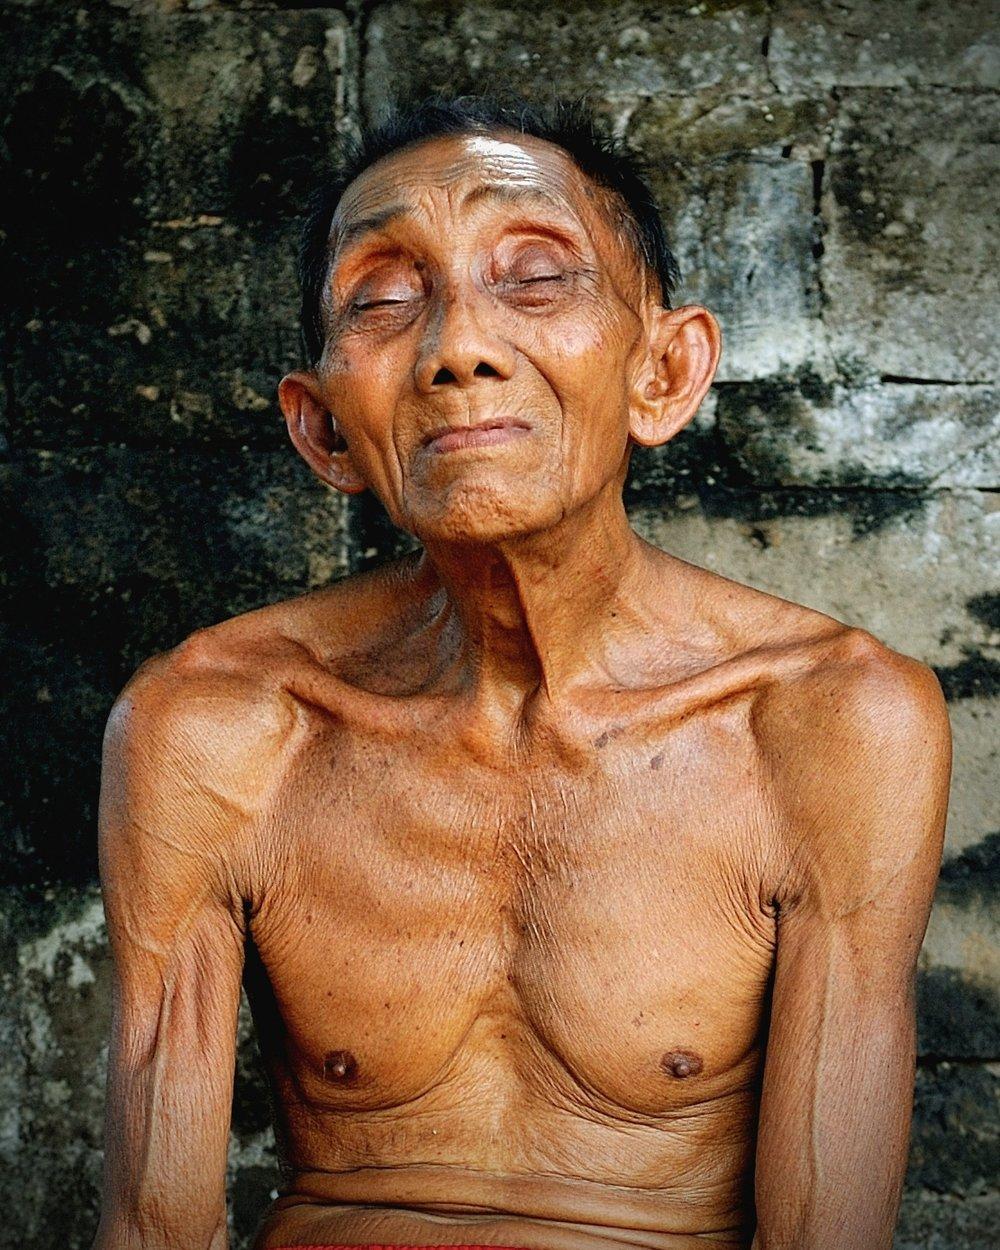 Village Elder, Bali